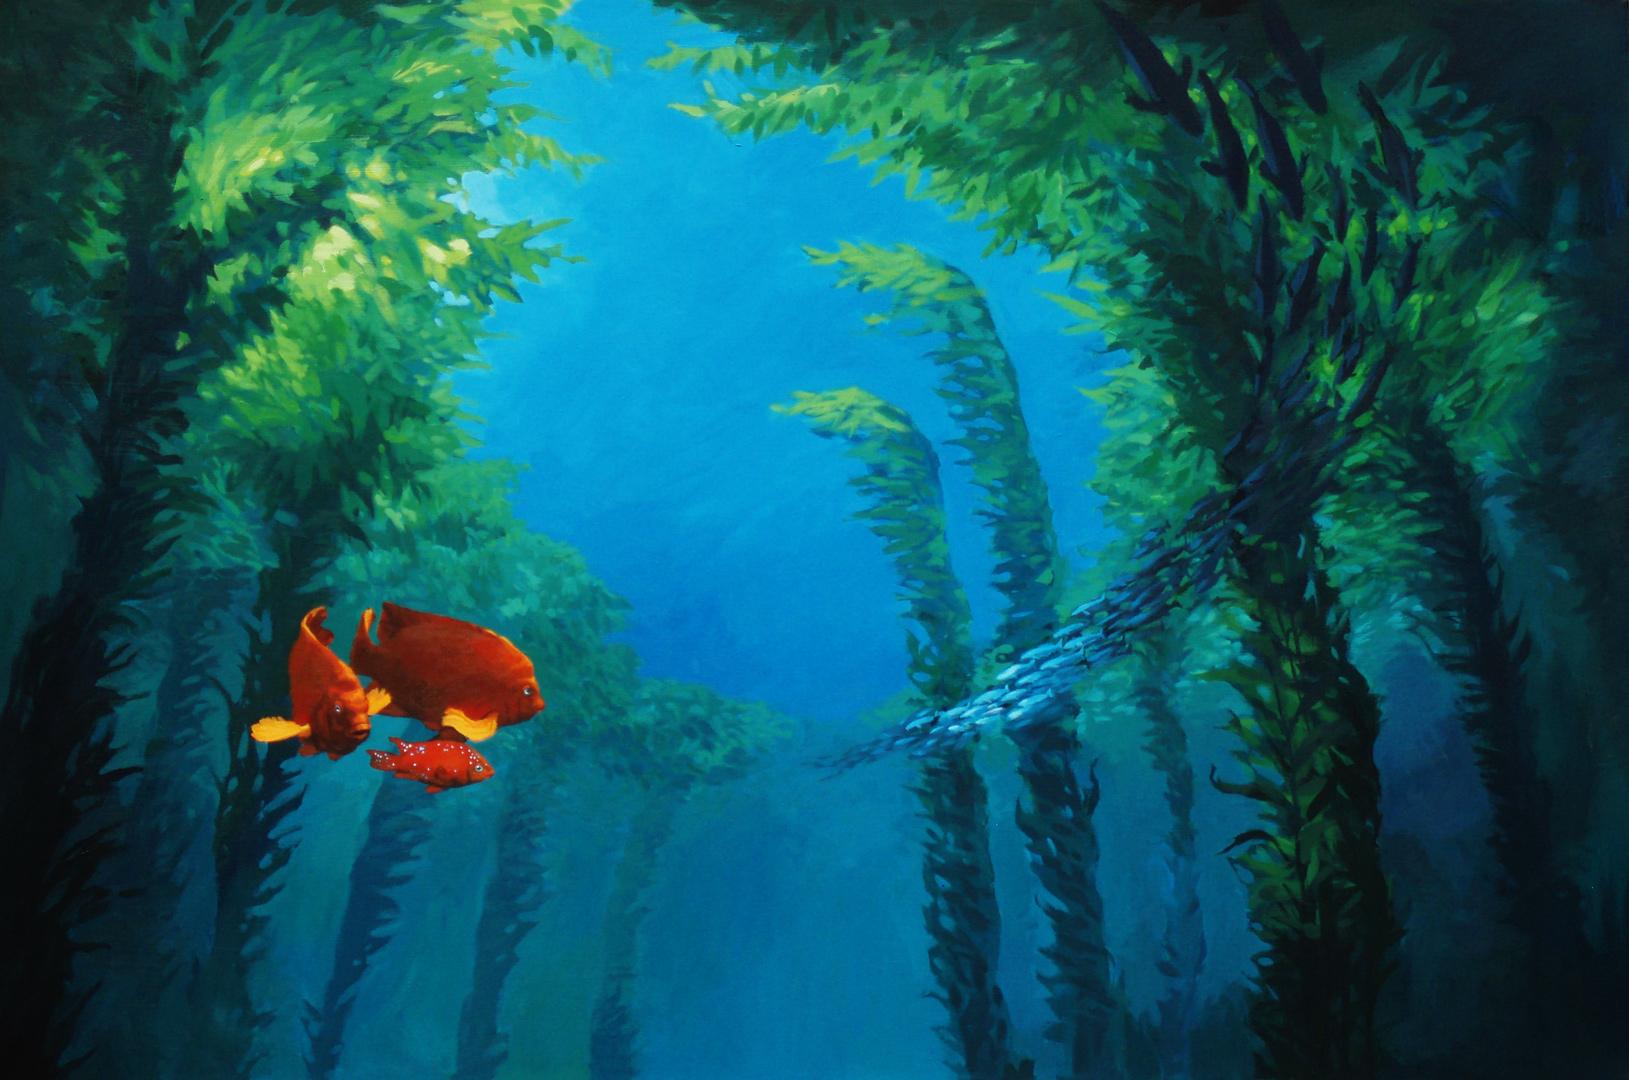 Kelp forest hd